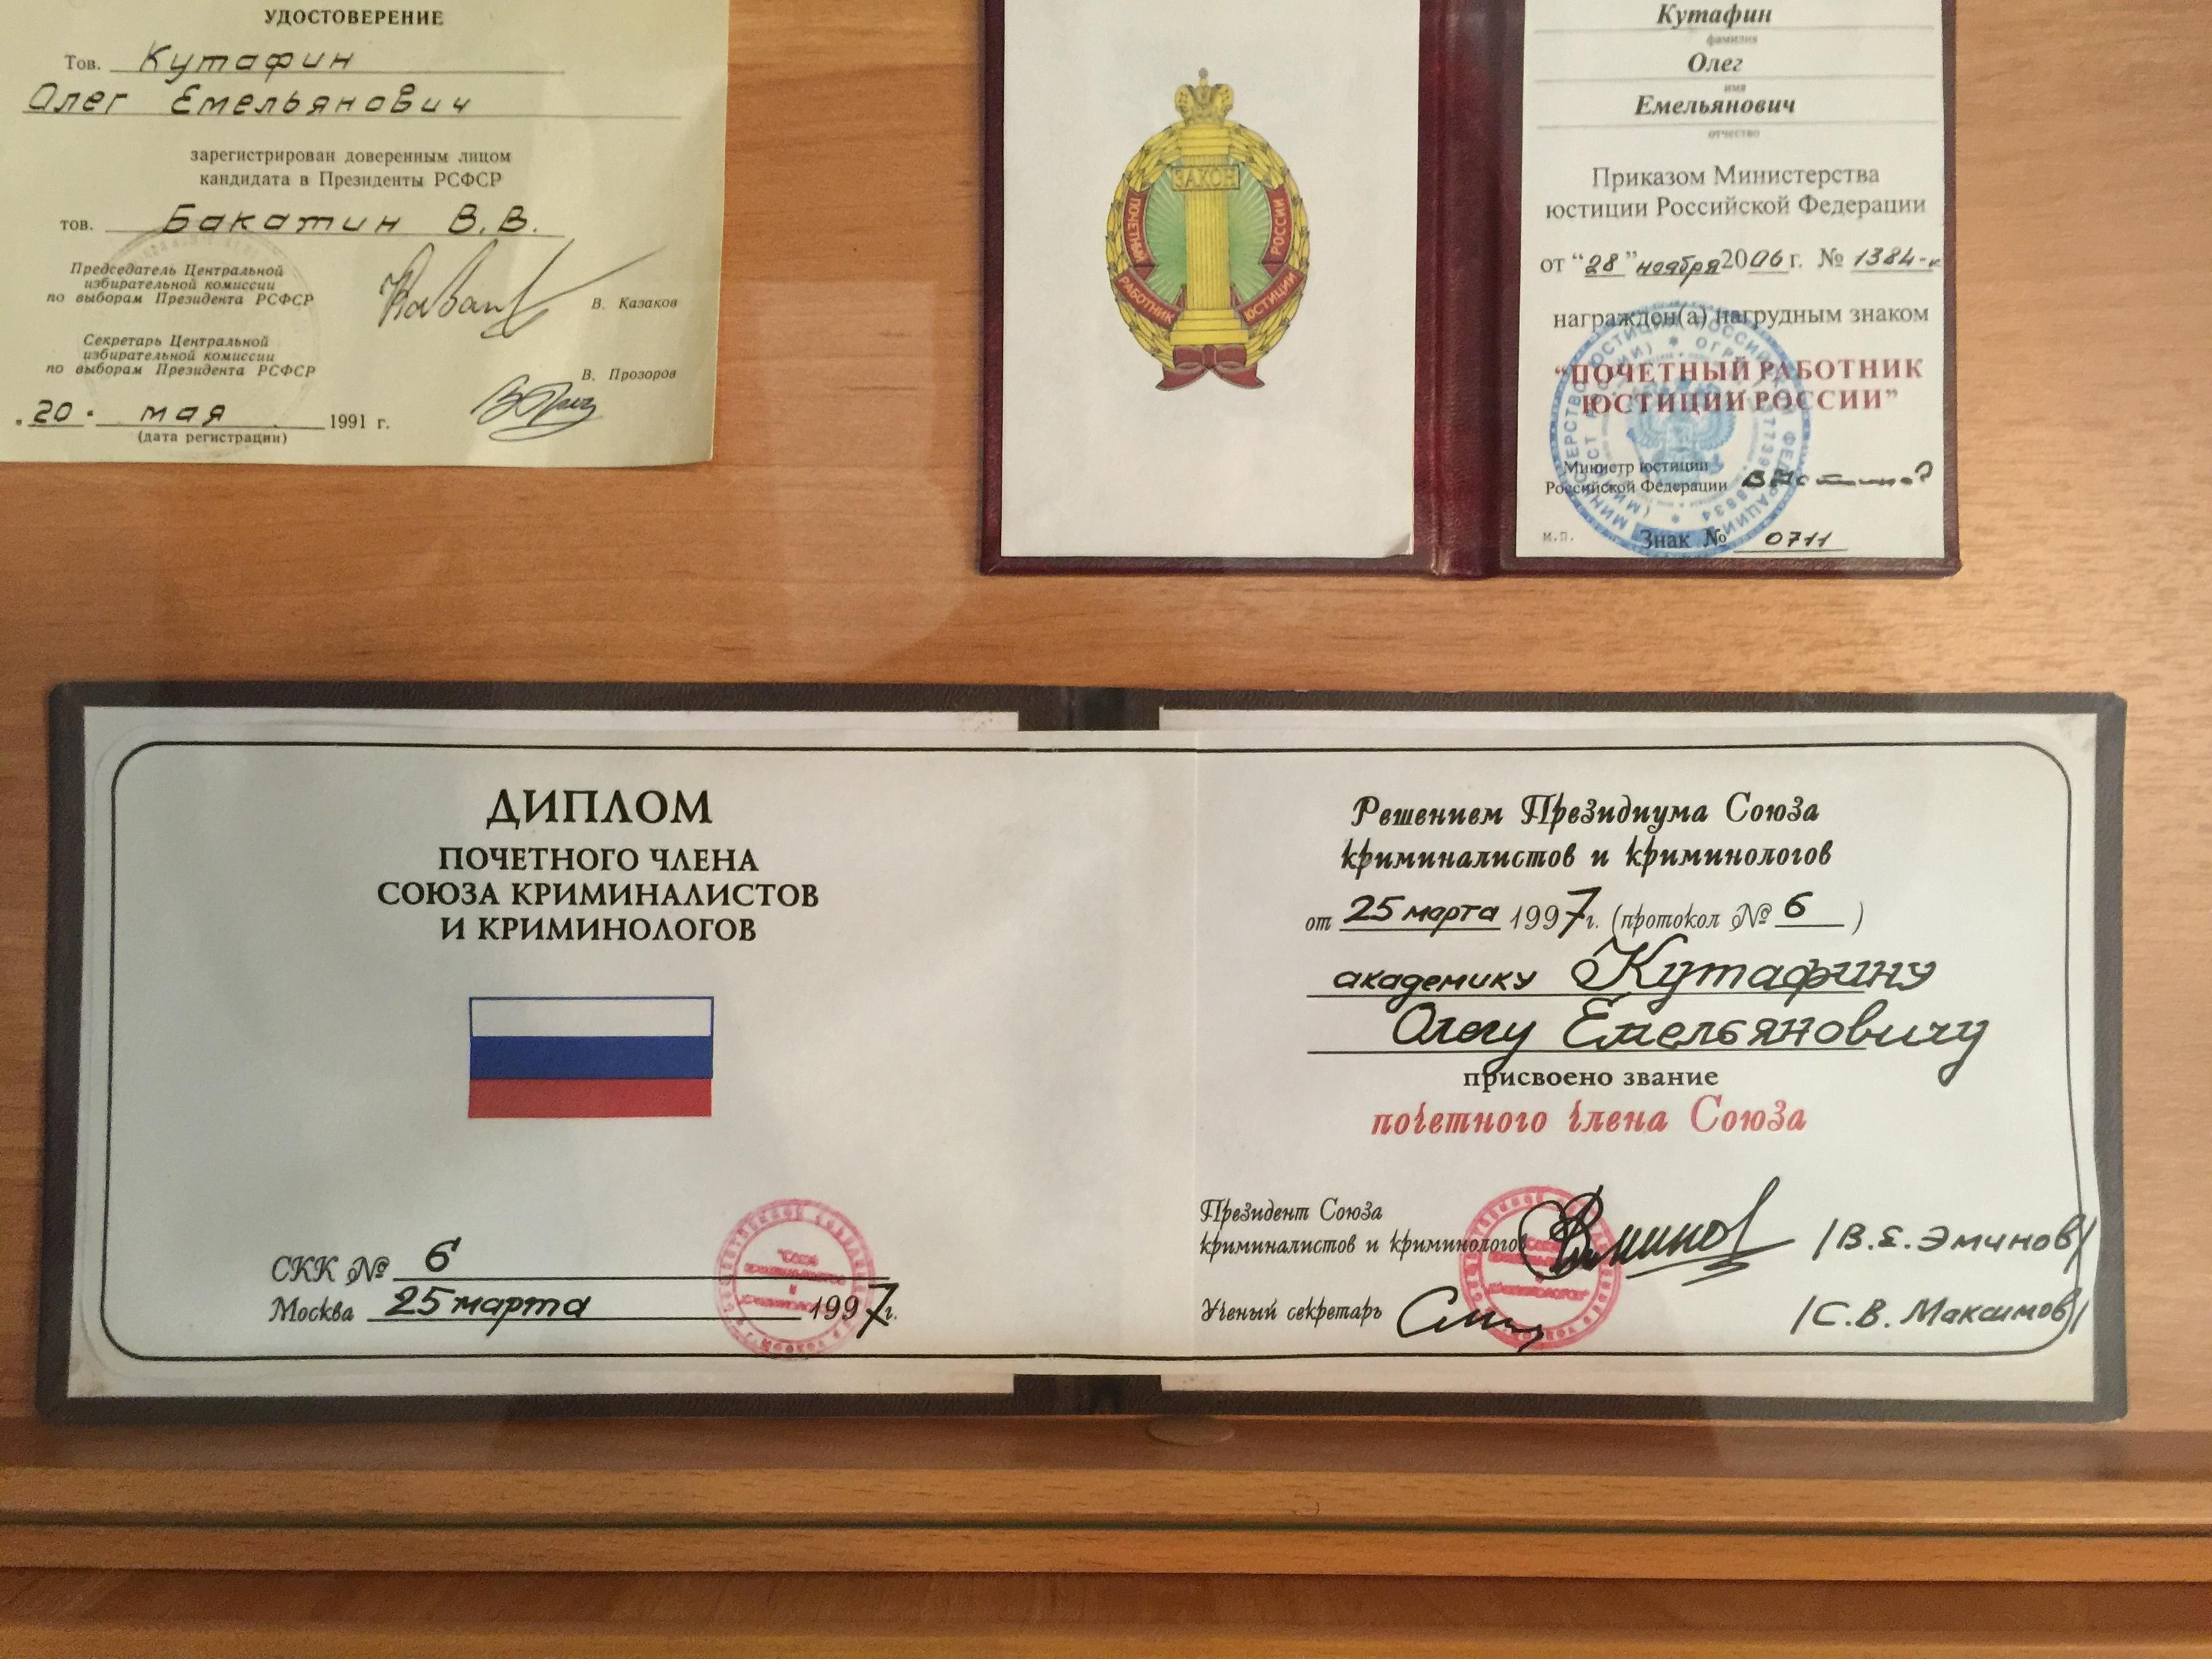 Фото из музея О.Е. Кутафина в МГЮА